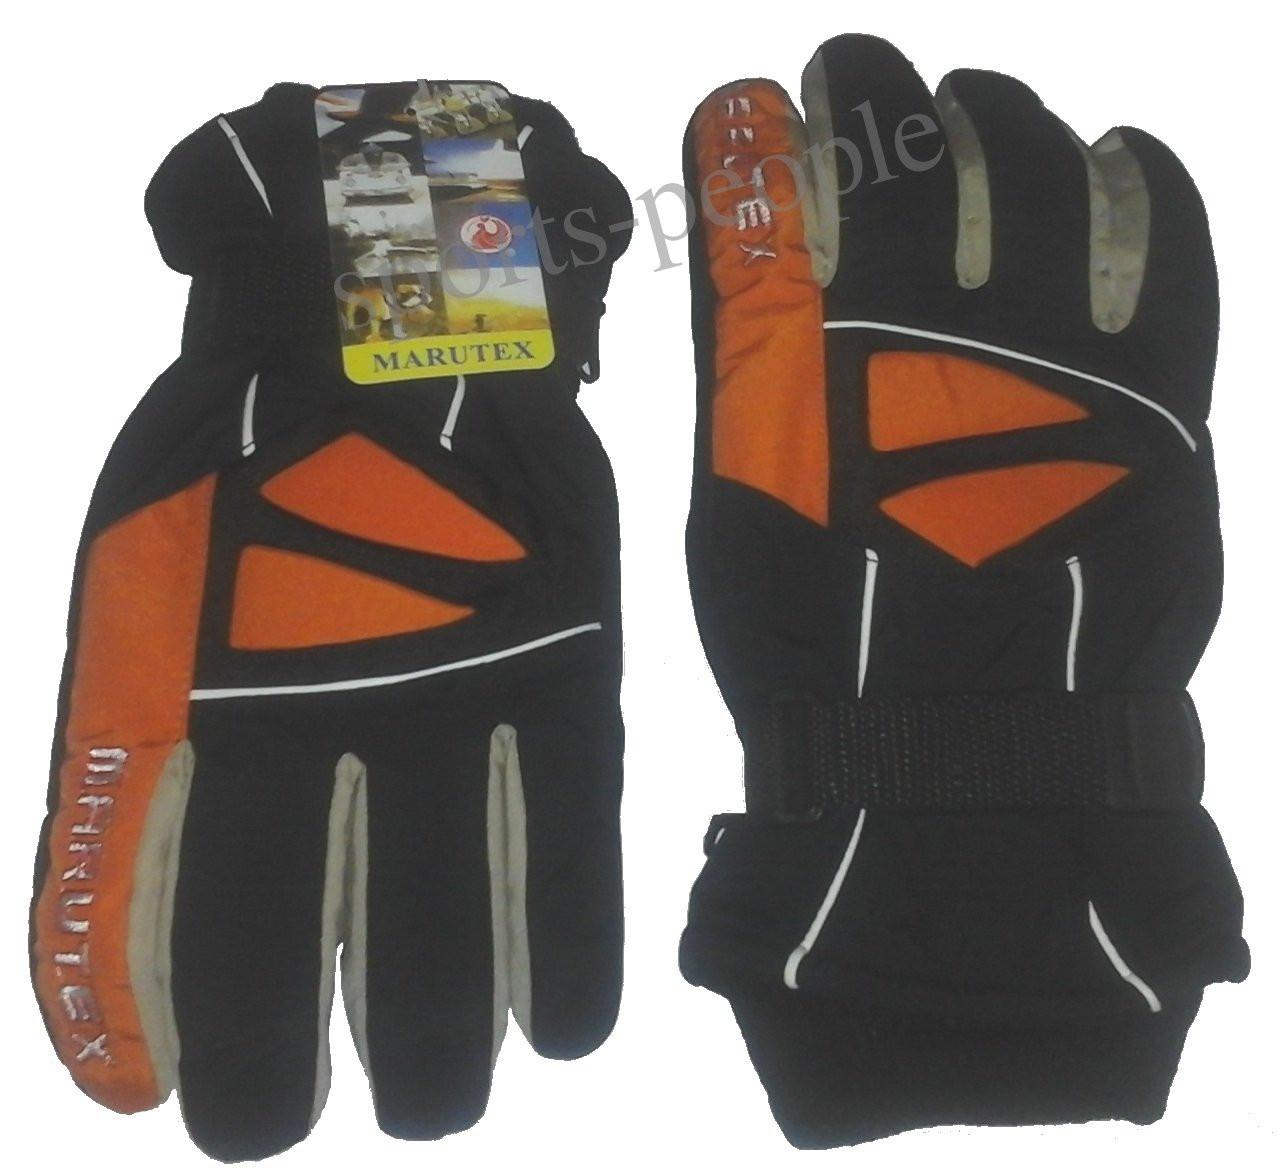 Перчатки горнолыжные Marutex, L, черный+оранжевый+белый цвет.